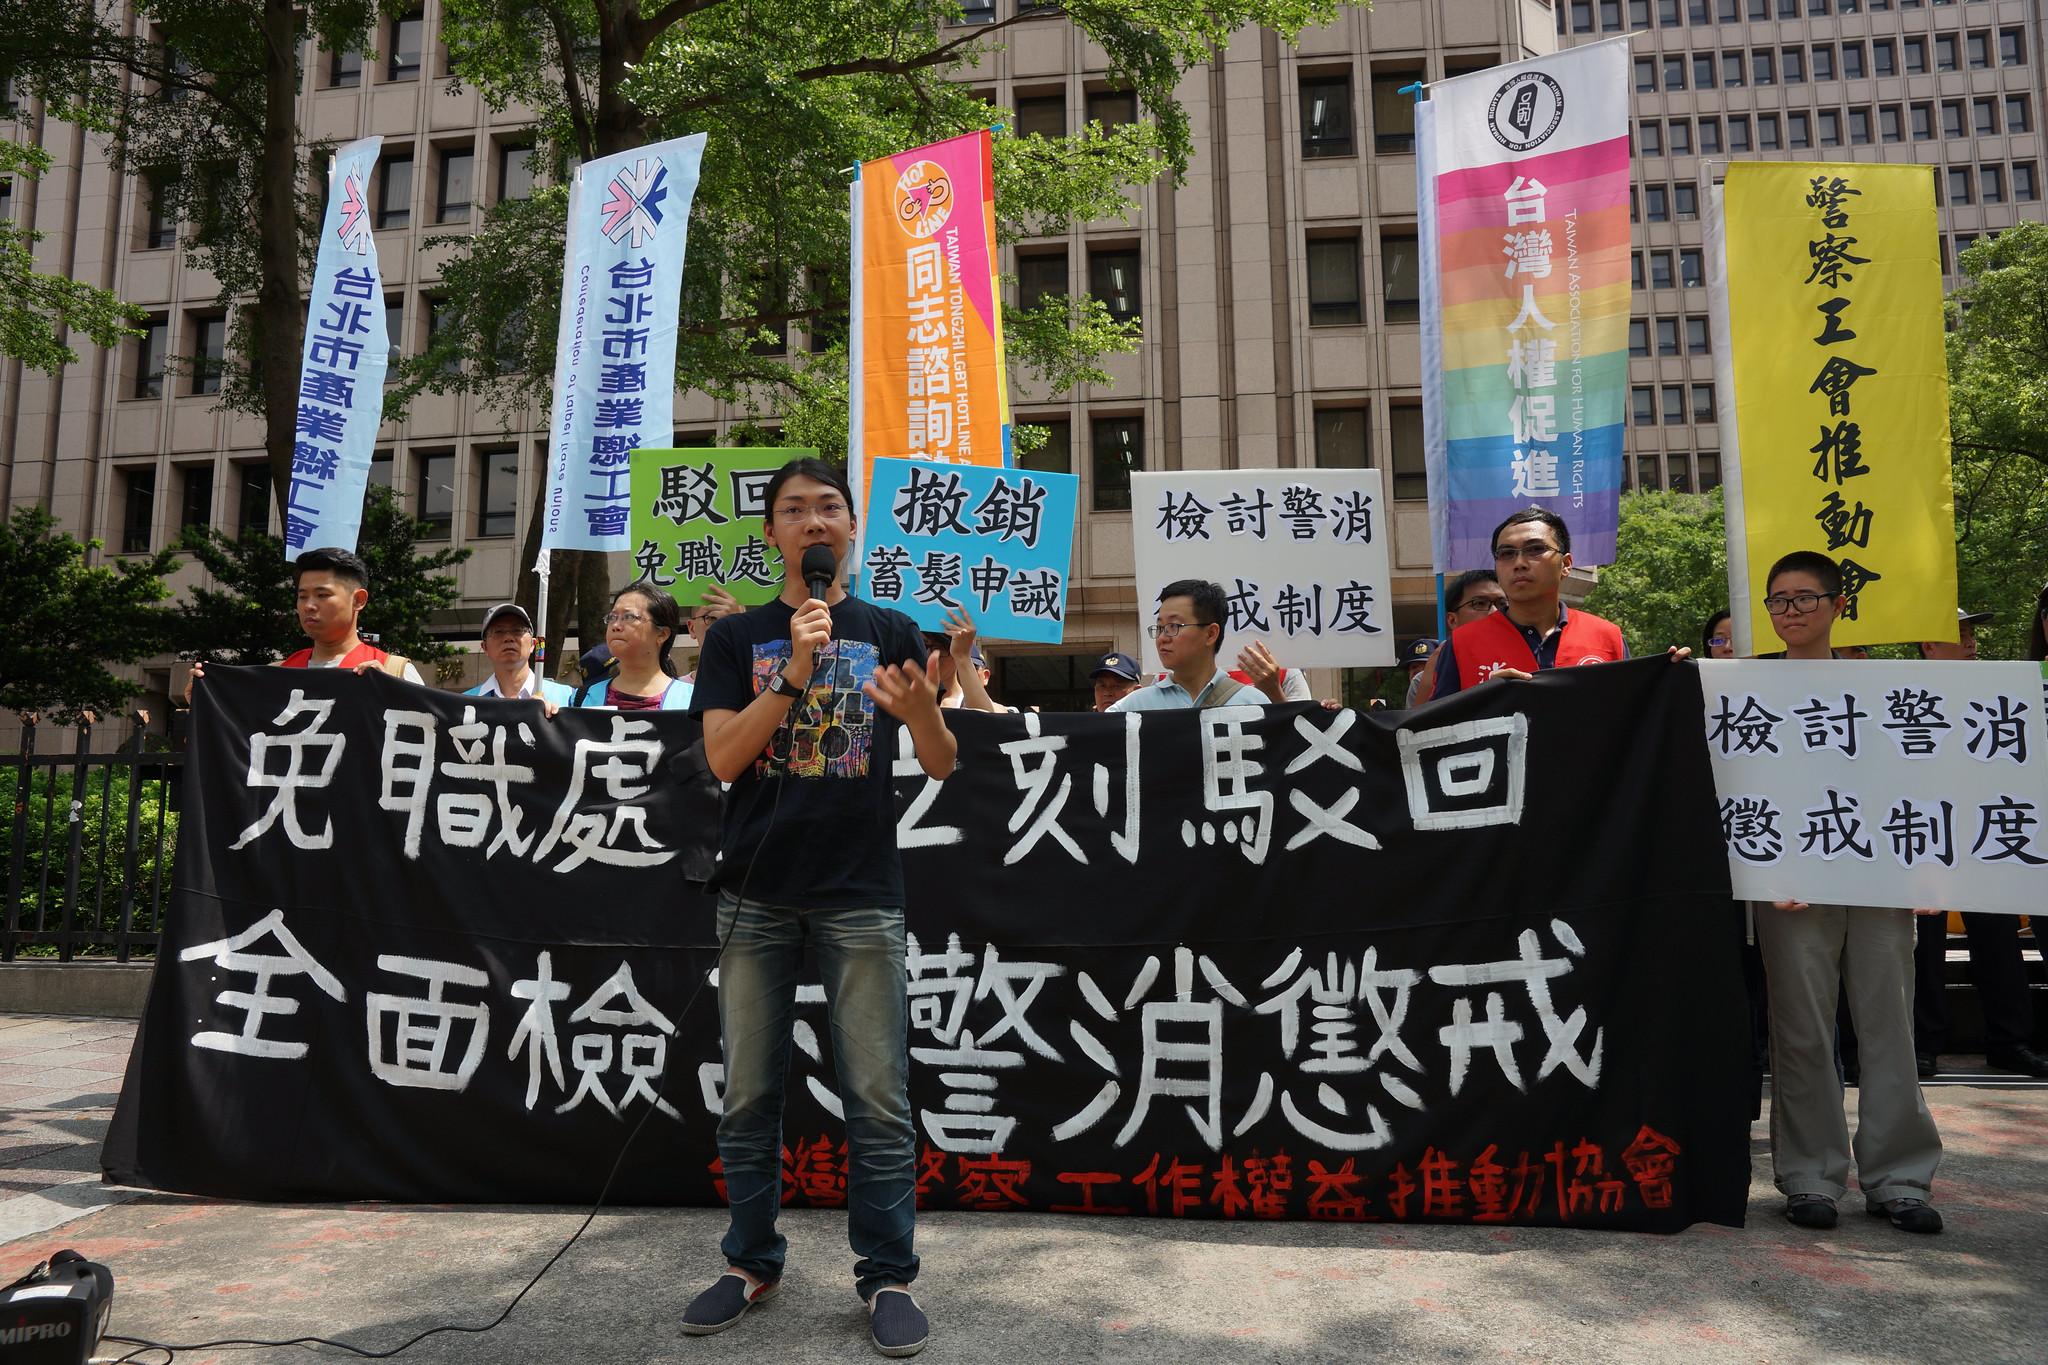 葉繼元與台灣警察工作權益推動協會在內政部前高喊「免職處分立刻駁回,全面檢討警消懲戒」。(攝影:王顥中)